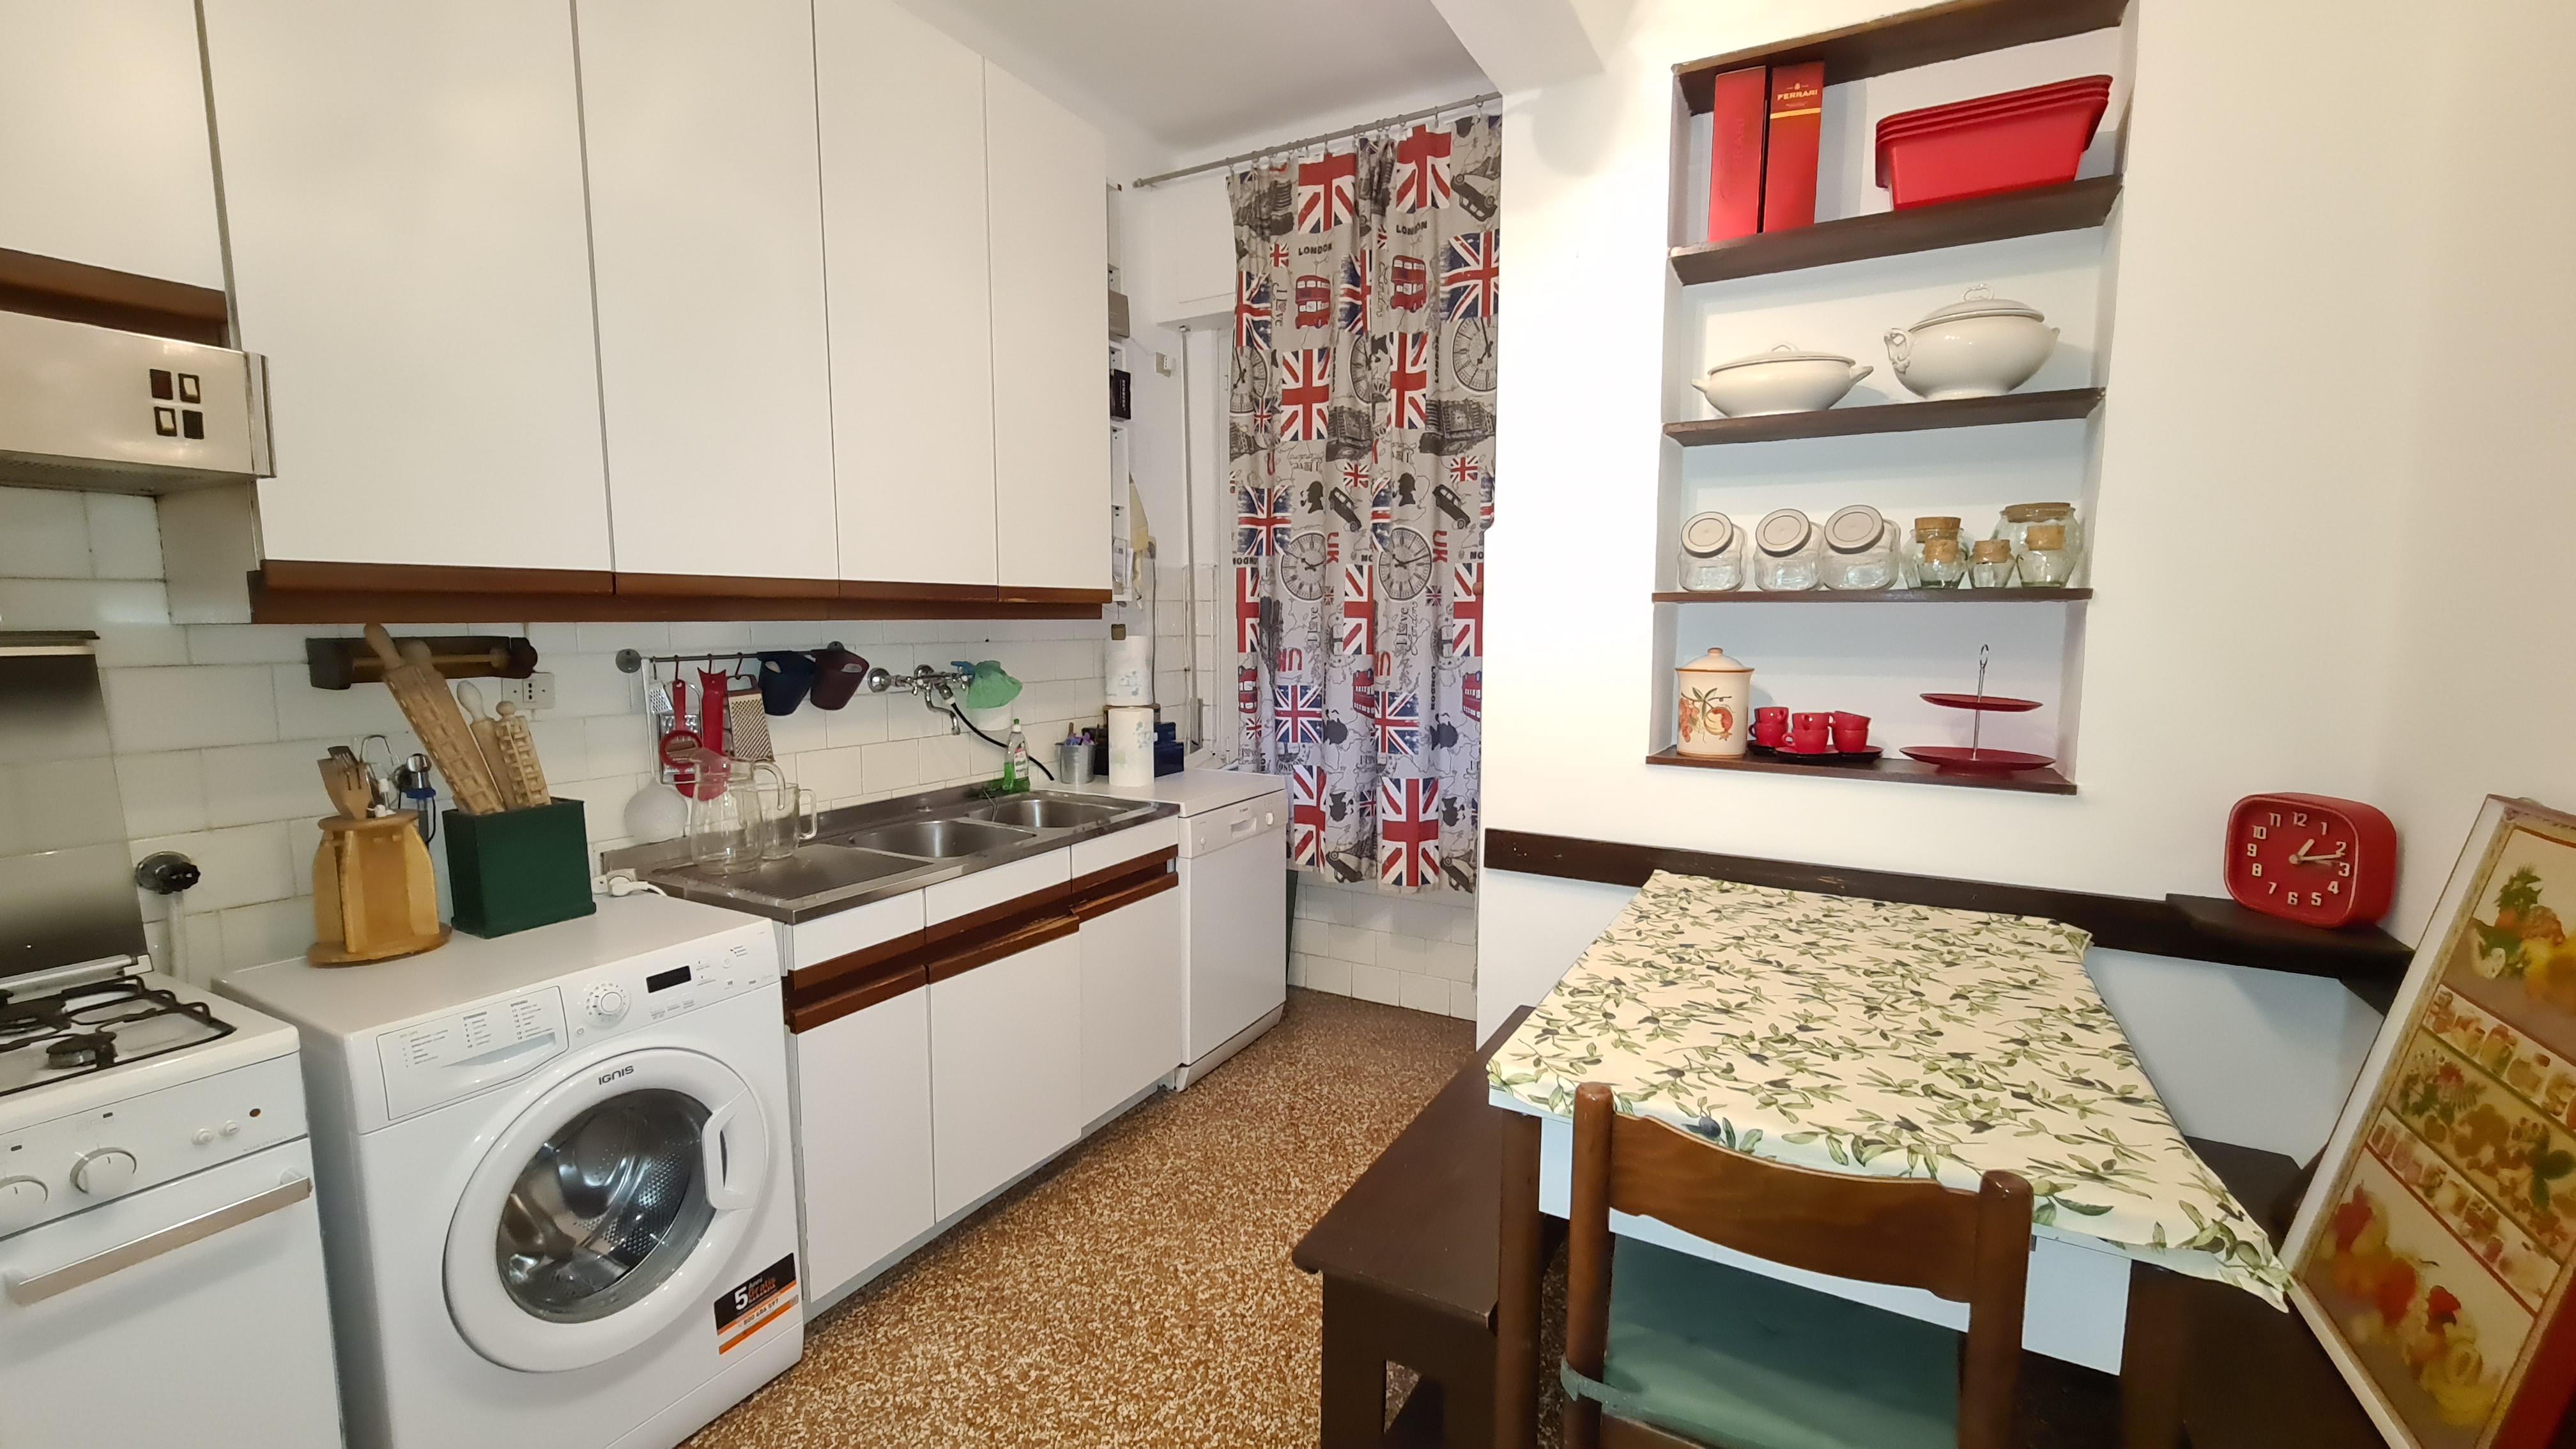 affitto appartamento arredato bolzaneto